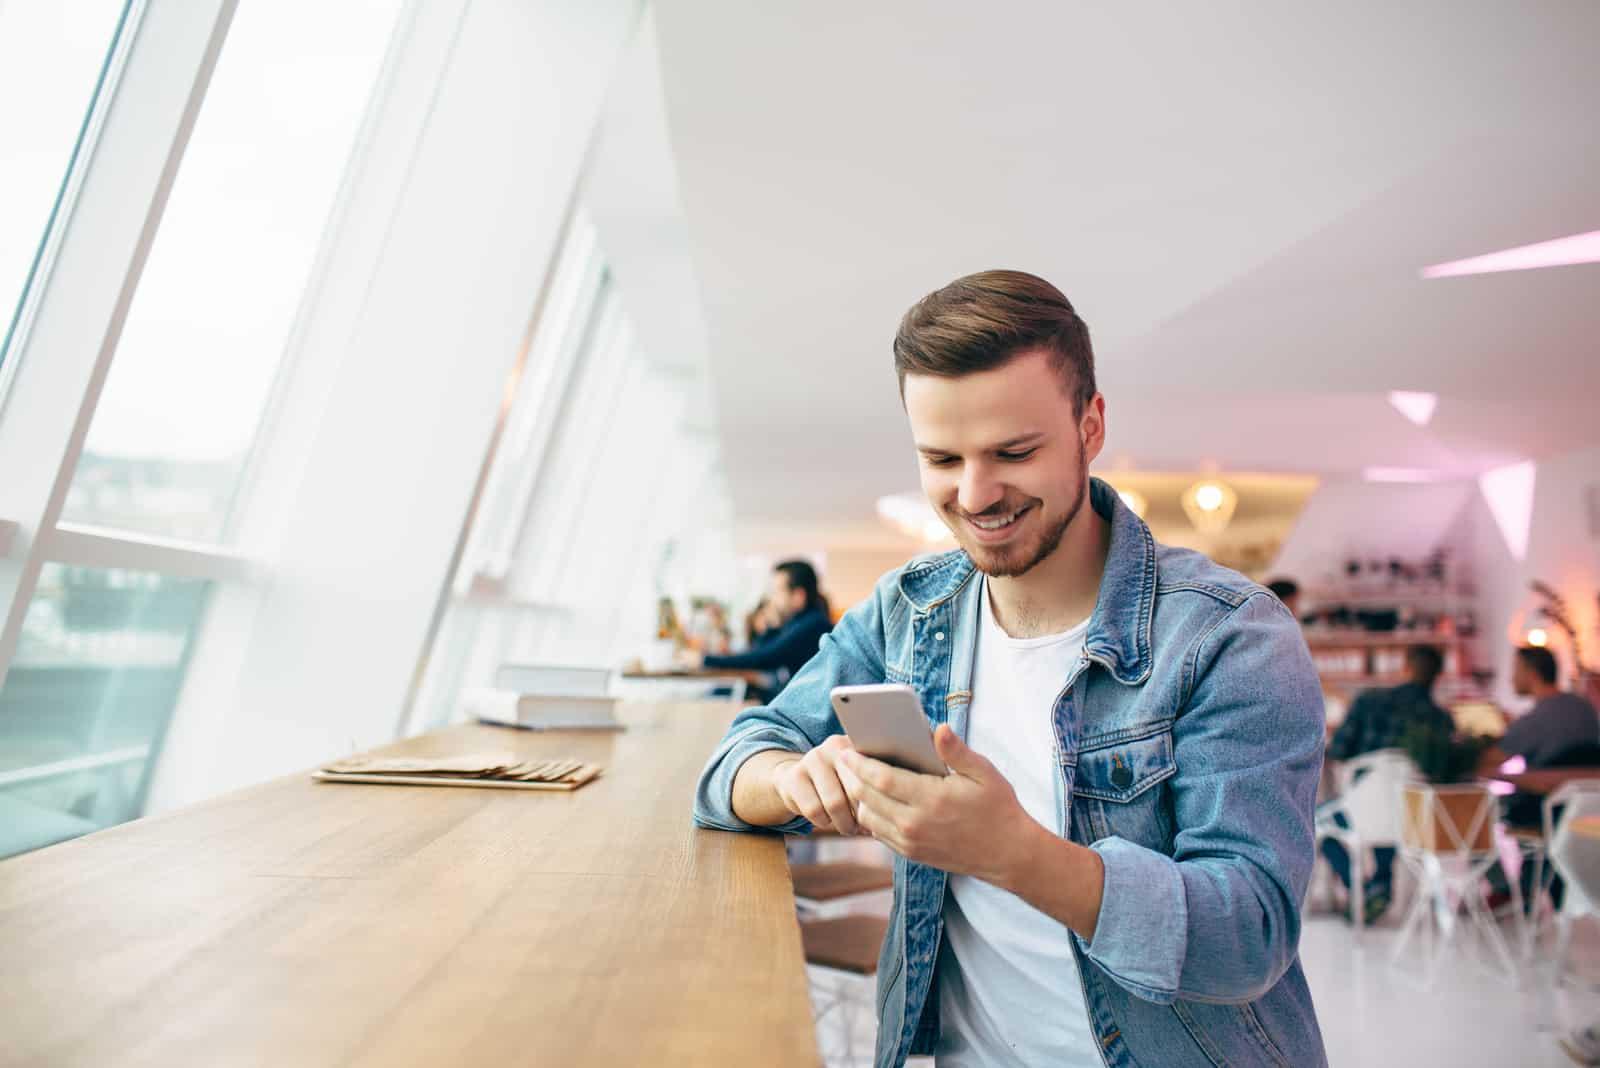 un homme souriant est assis à une table et les touches du téléphone